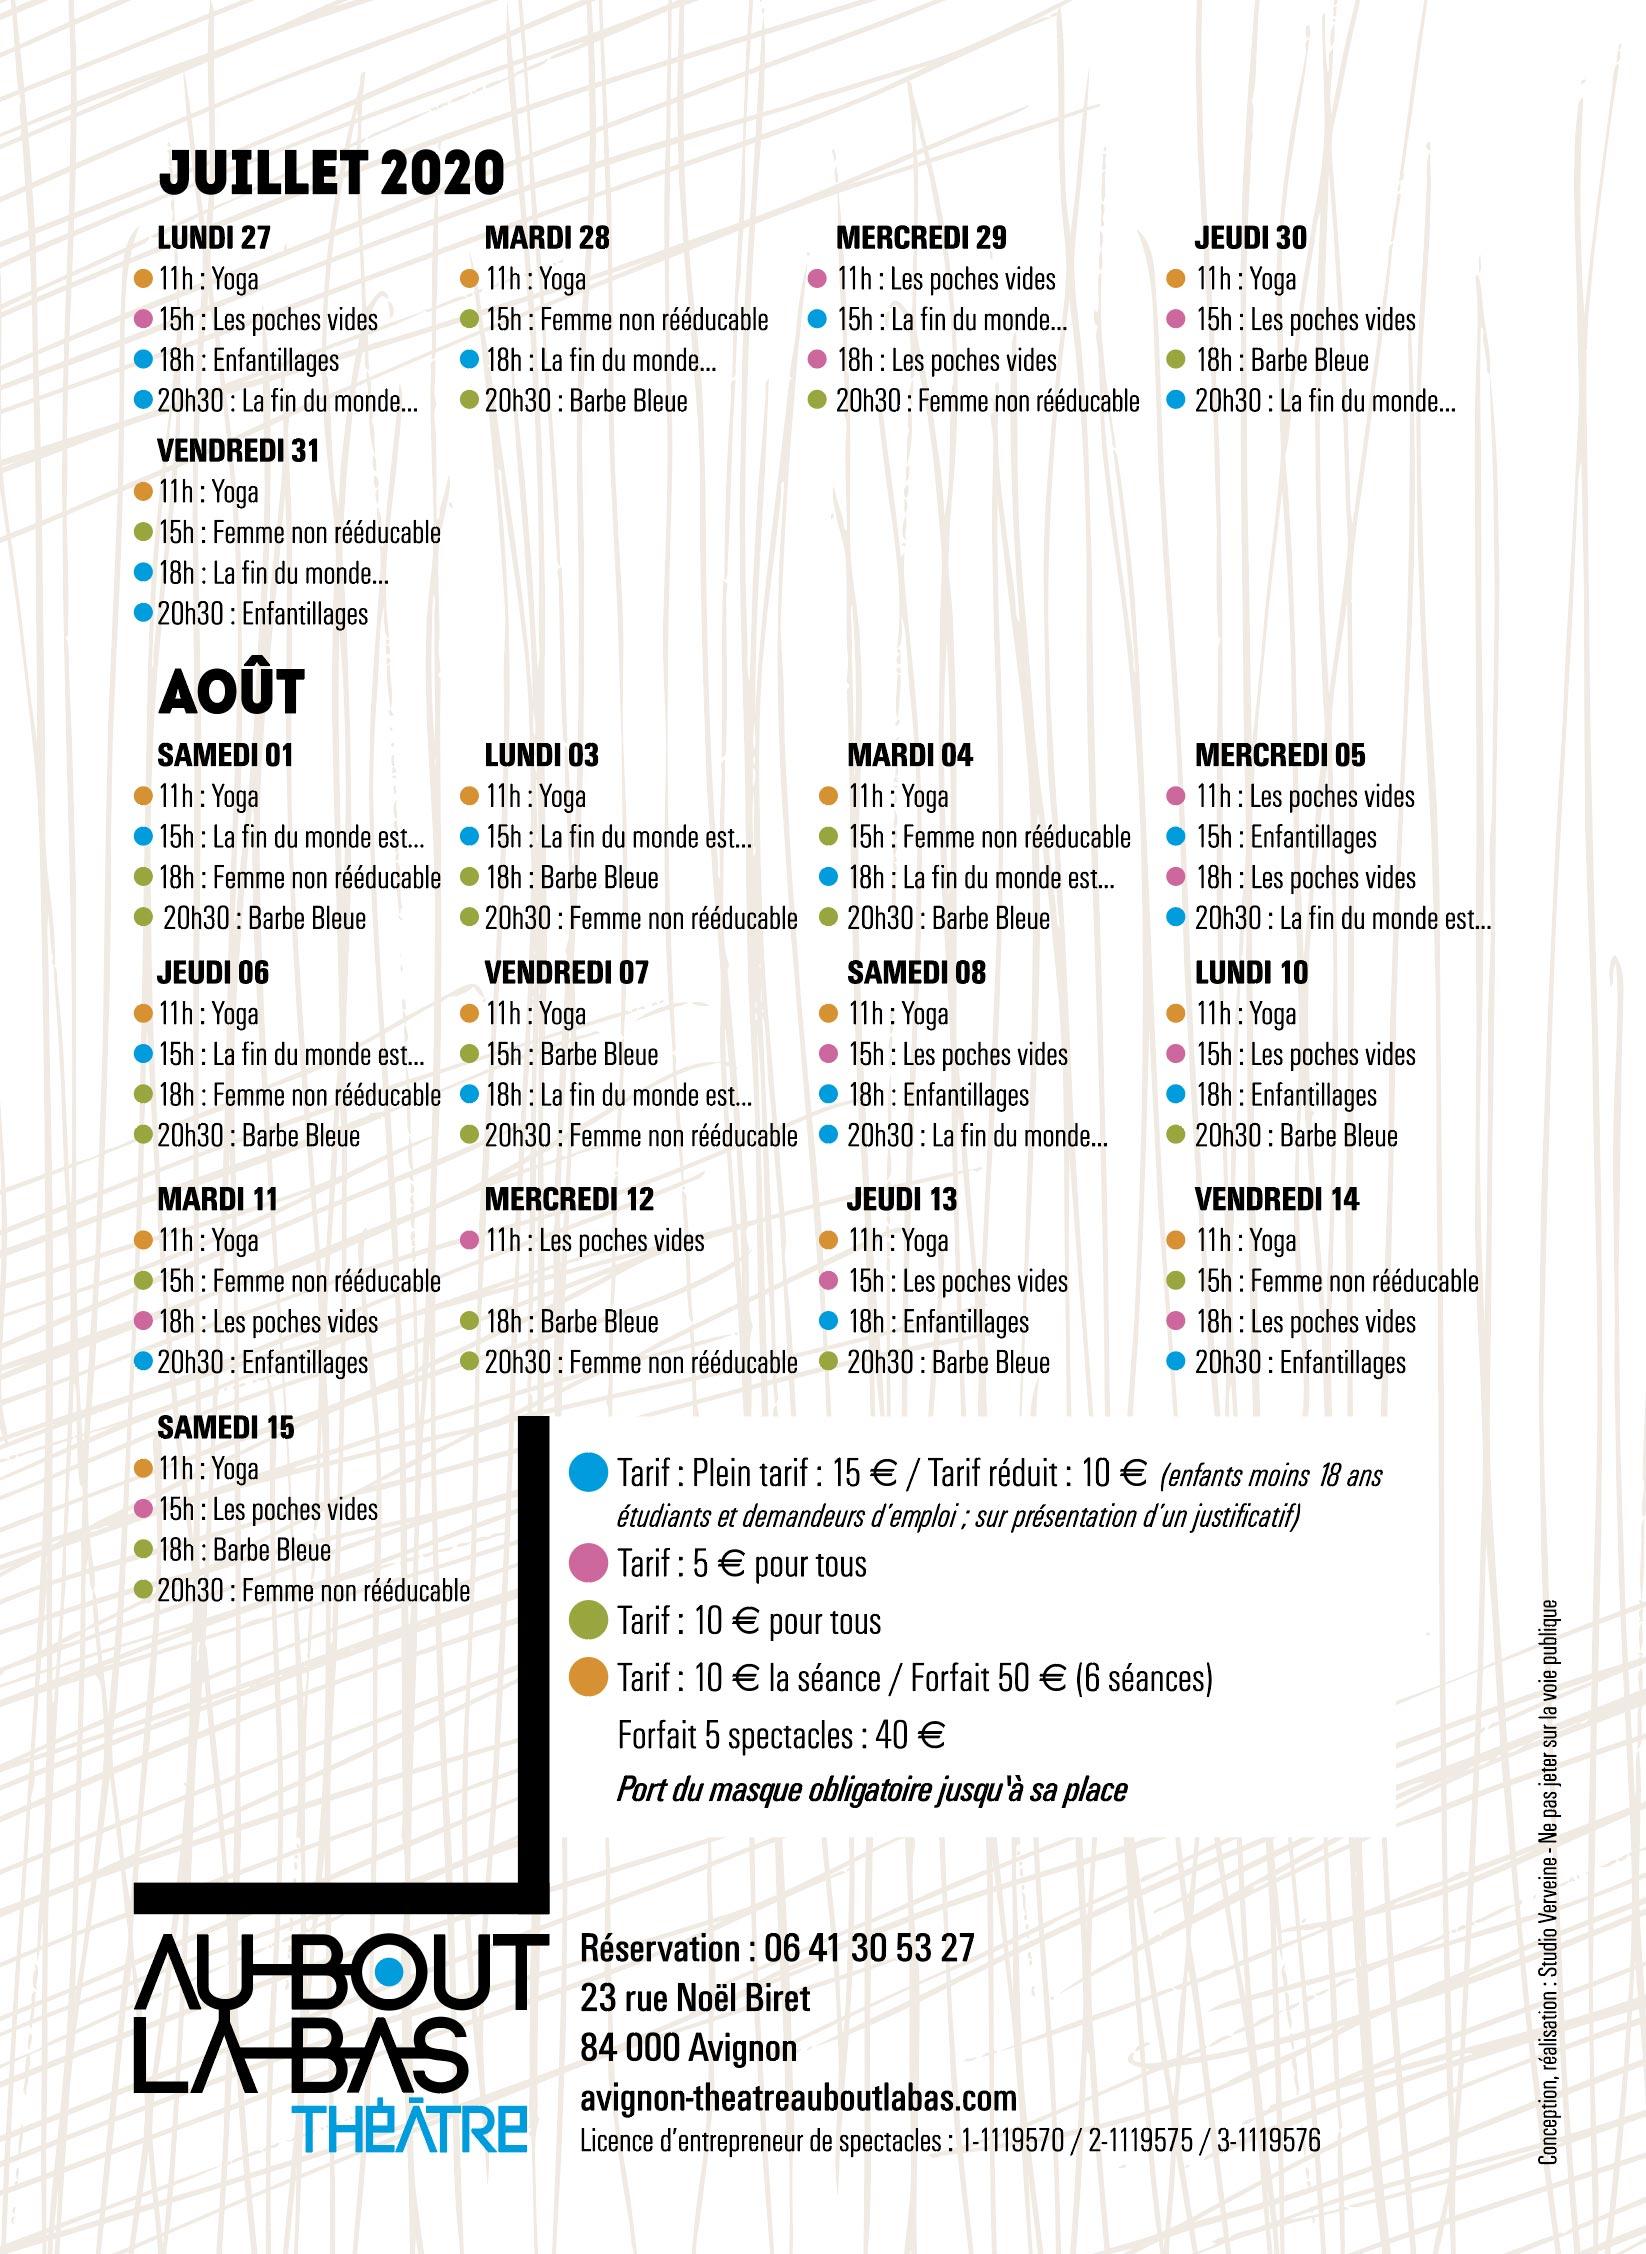 calendrier des représentations avignon 2020